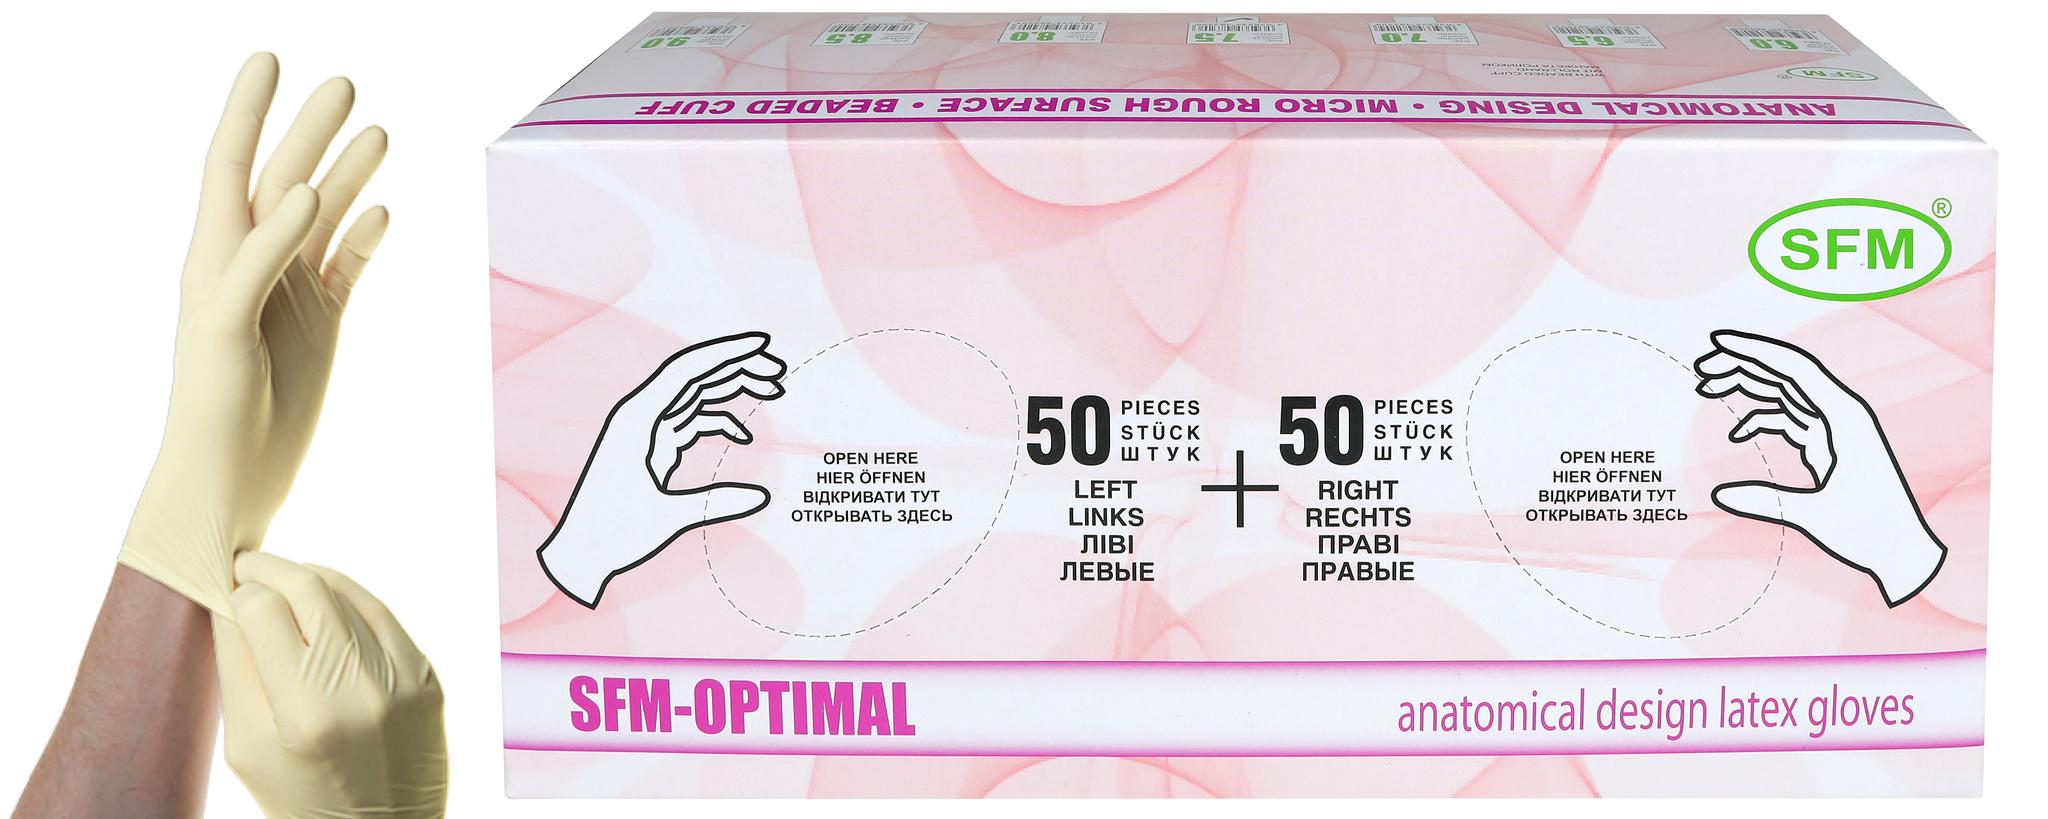 Купить Нестернеопудрены, Перчатки хирургические нестерильные неопудренные SFM 50 пар 9, 0 XL